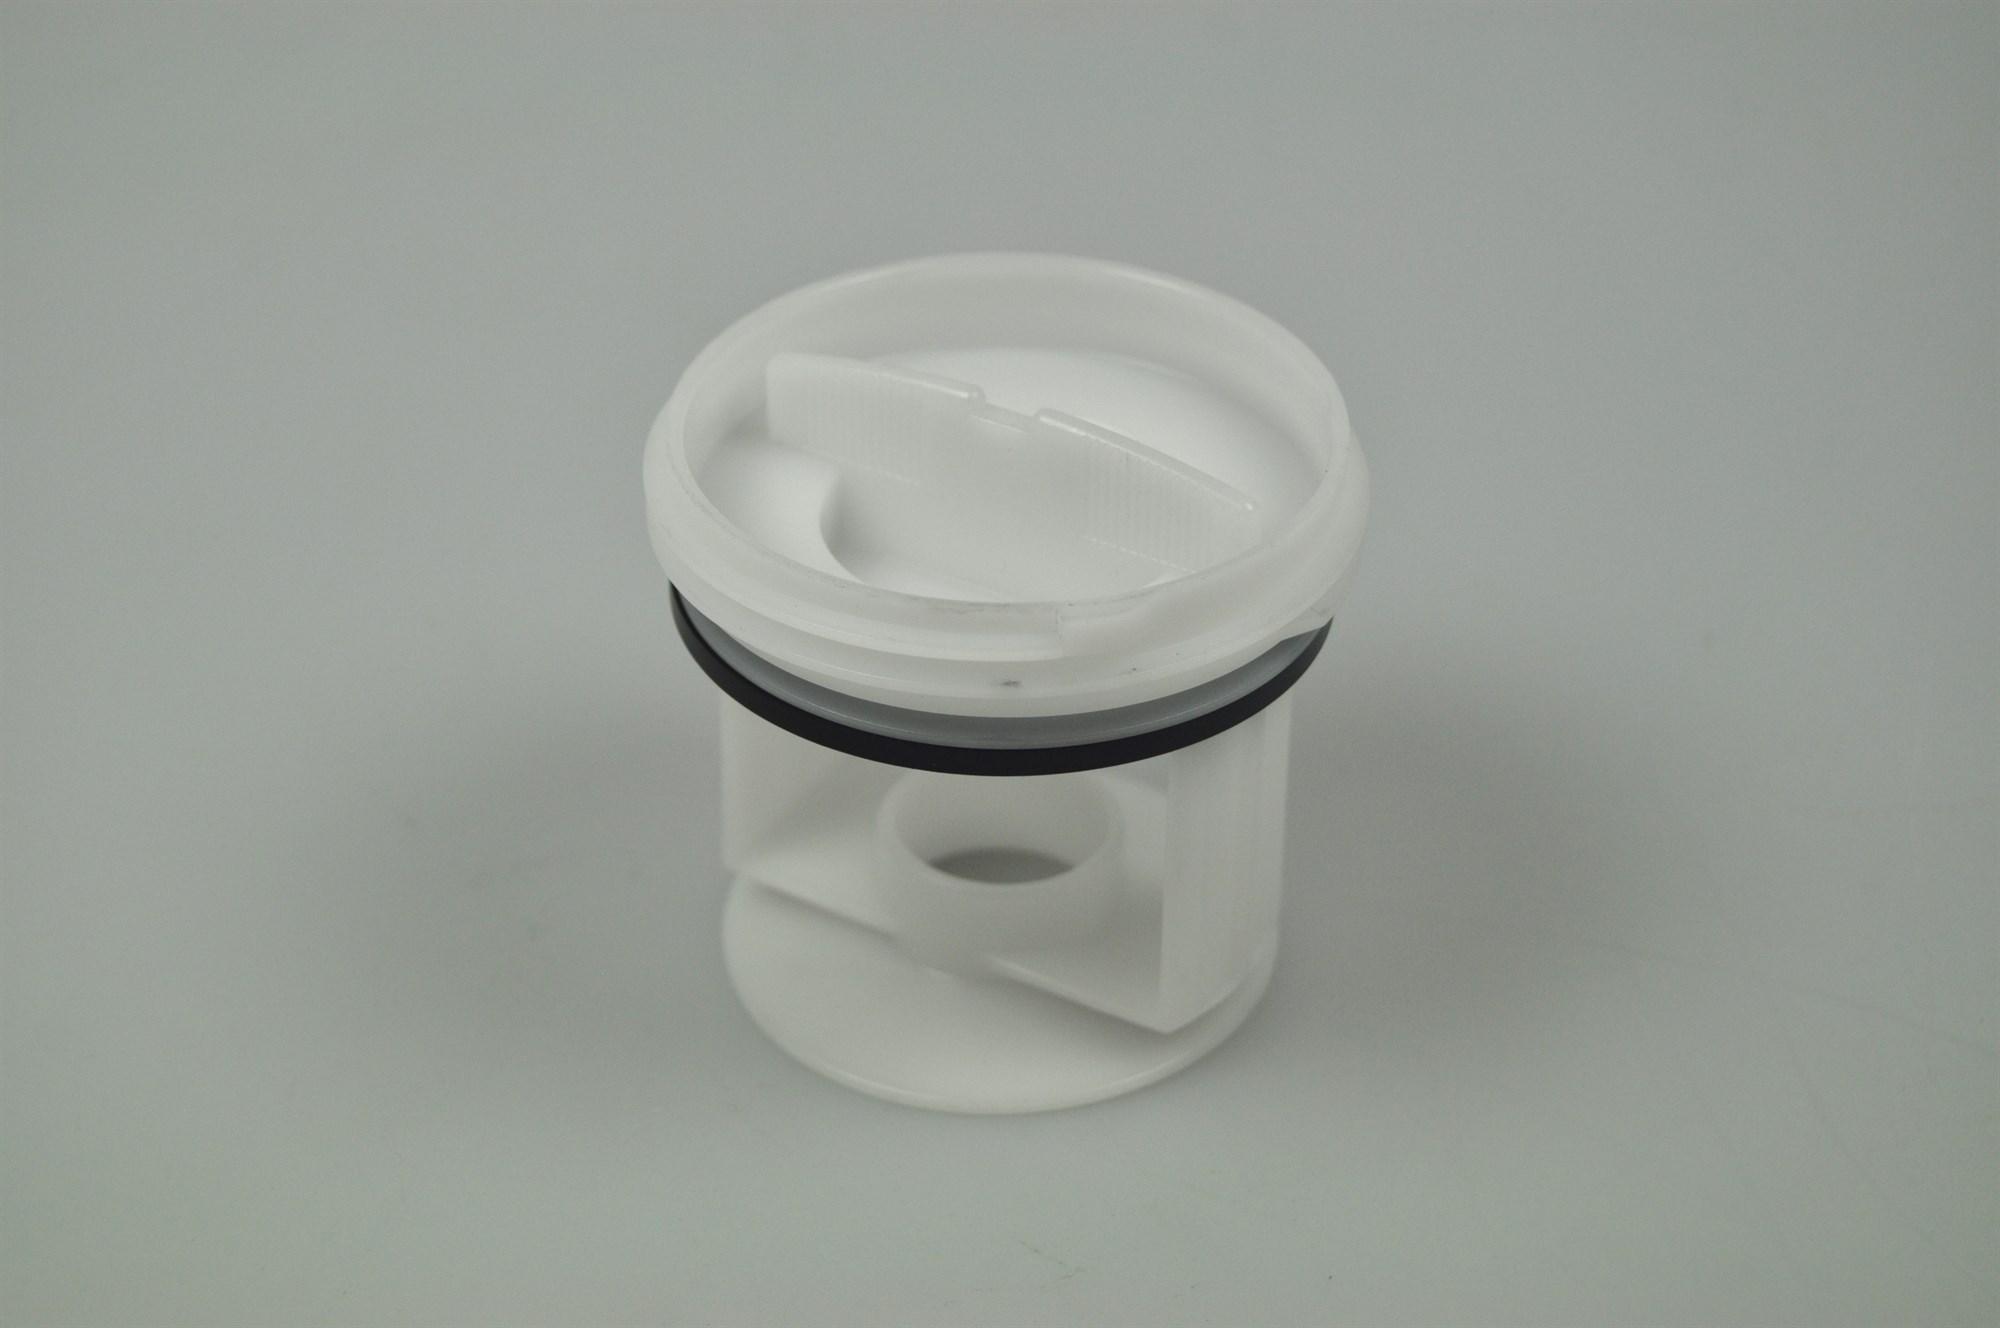 Filter siemens waschmaschine